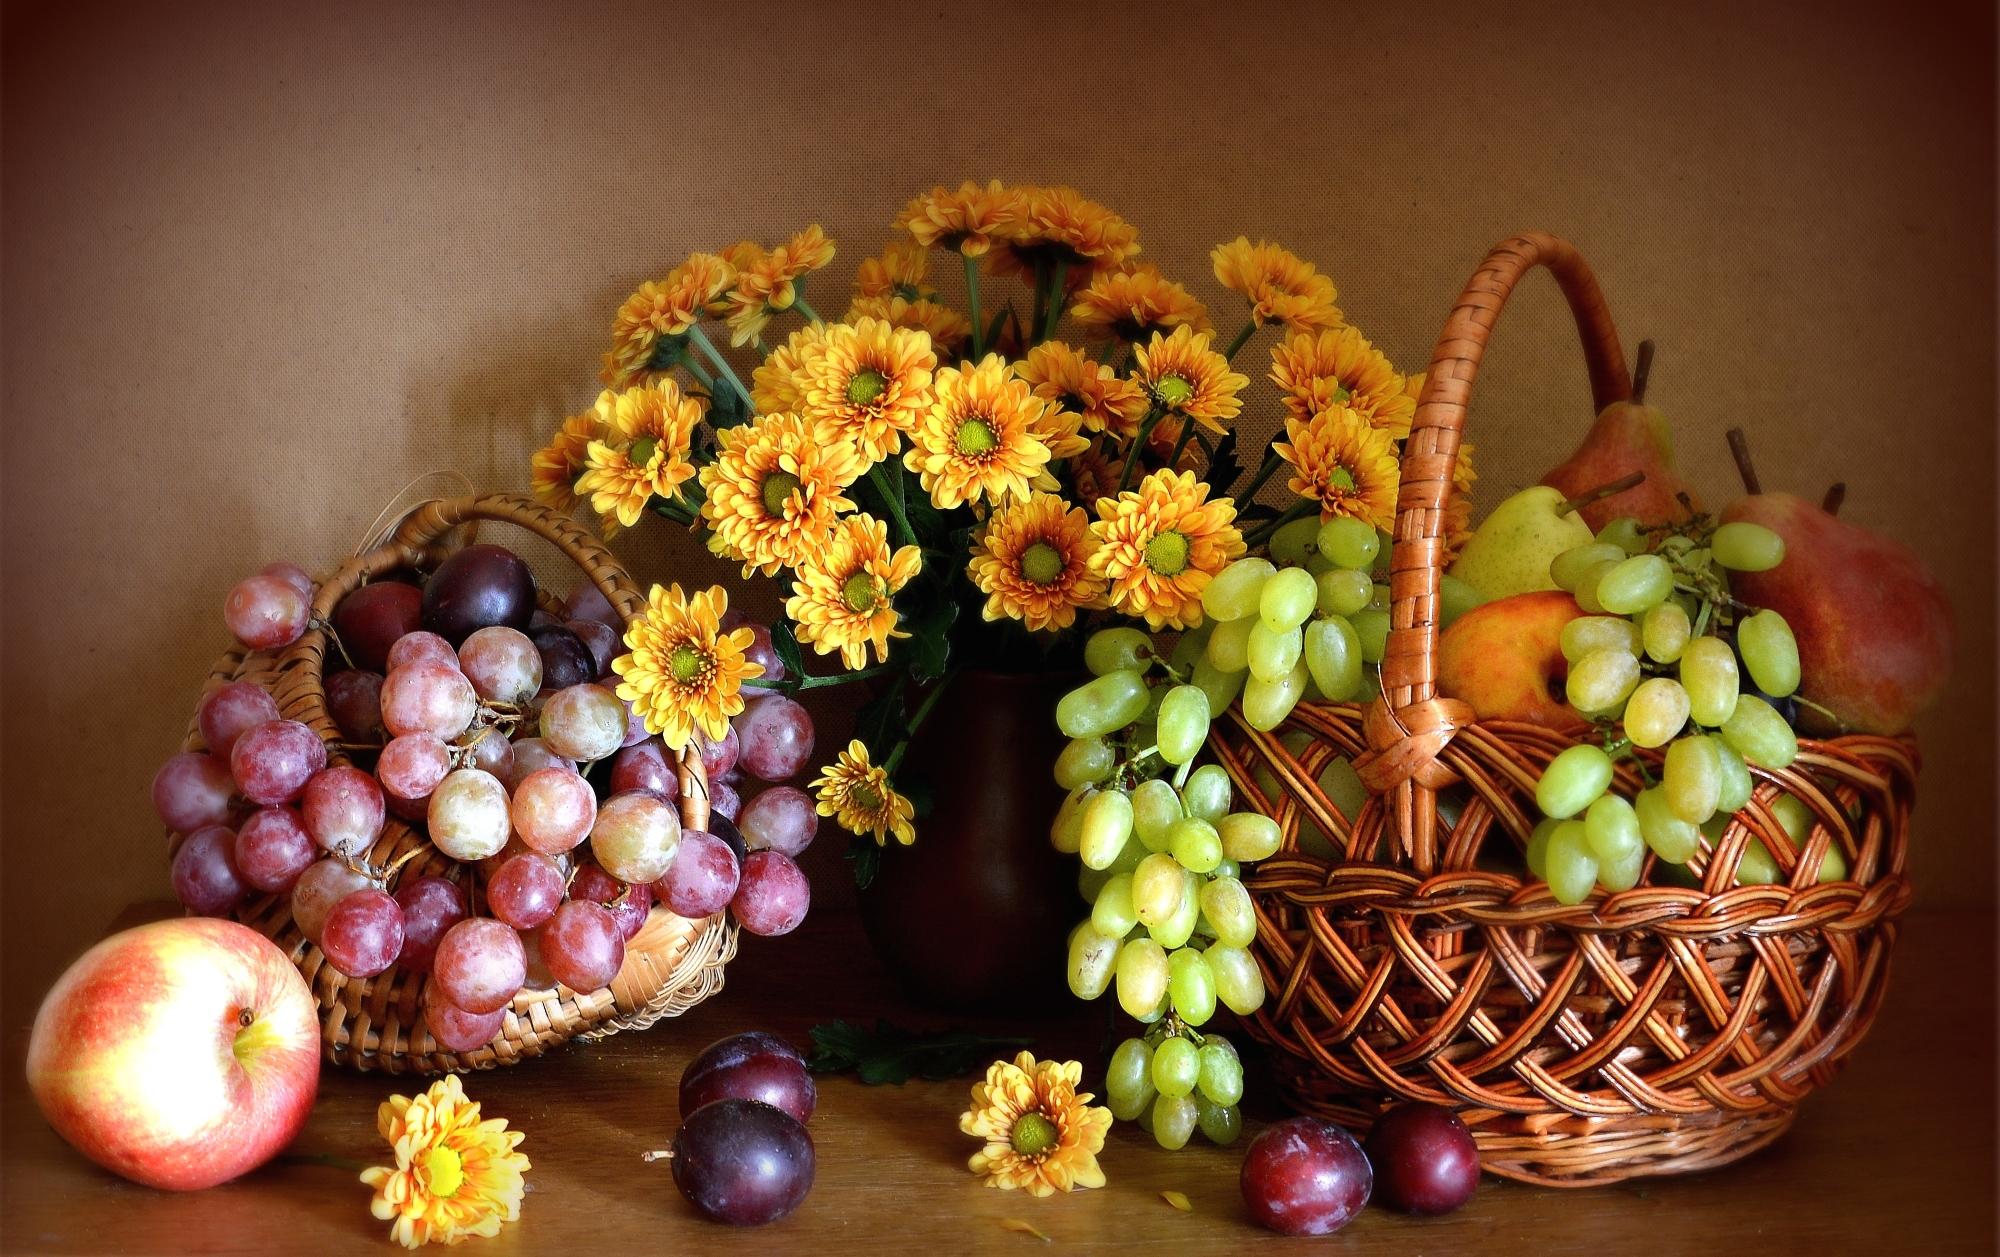 обои на рабочий стол натюрморт с цветами и фруктами № 226415  скачать